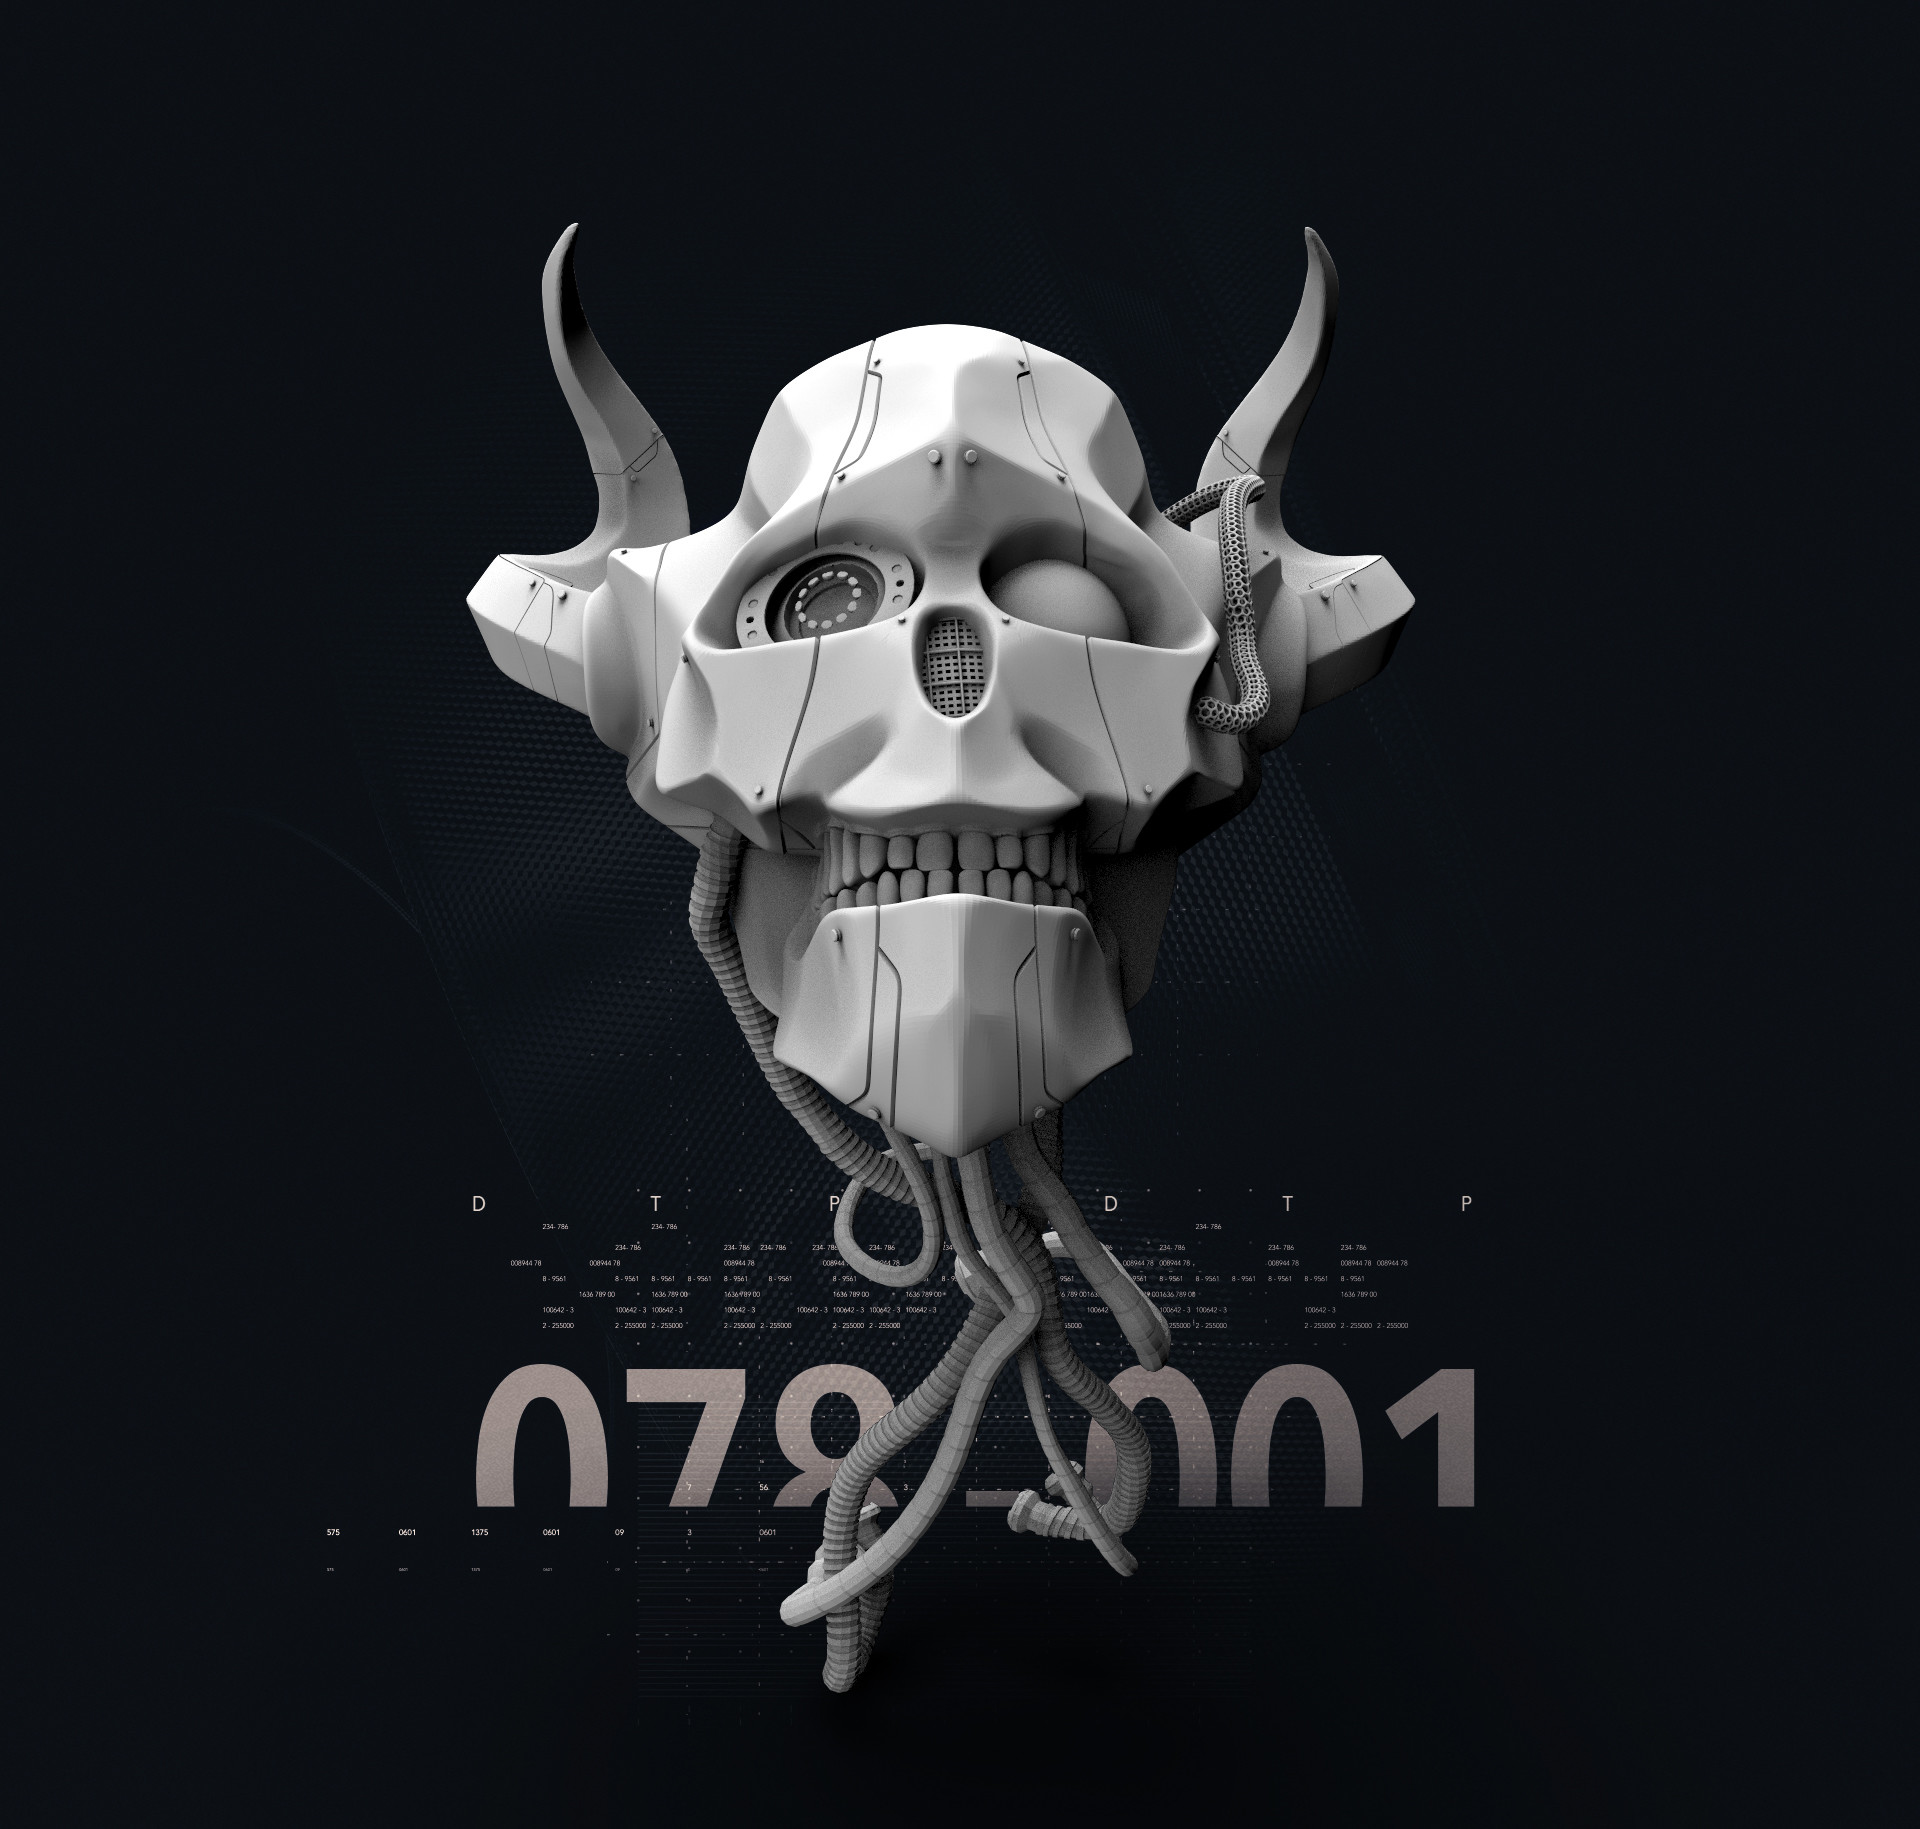 Ry cloze skull robot333